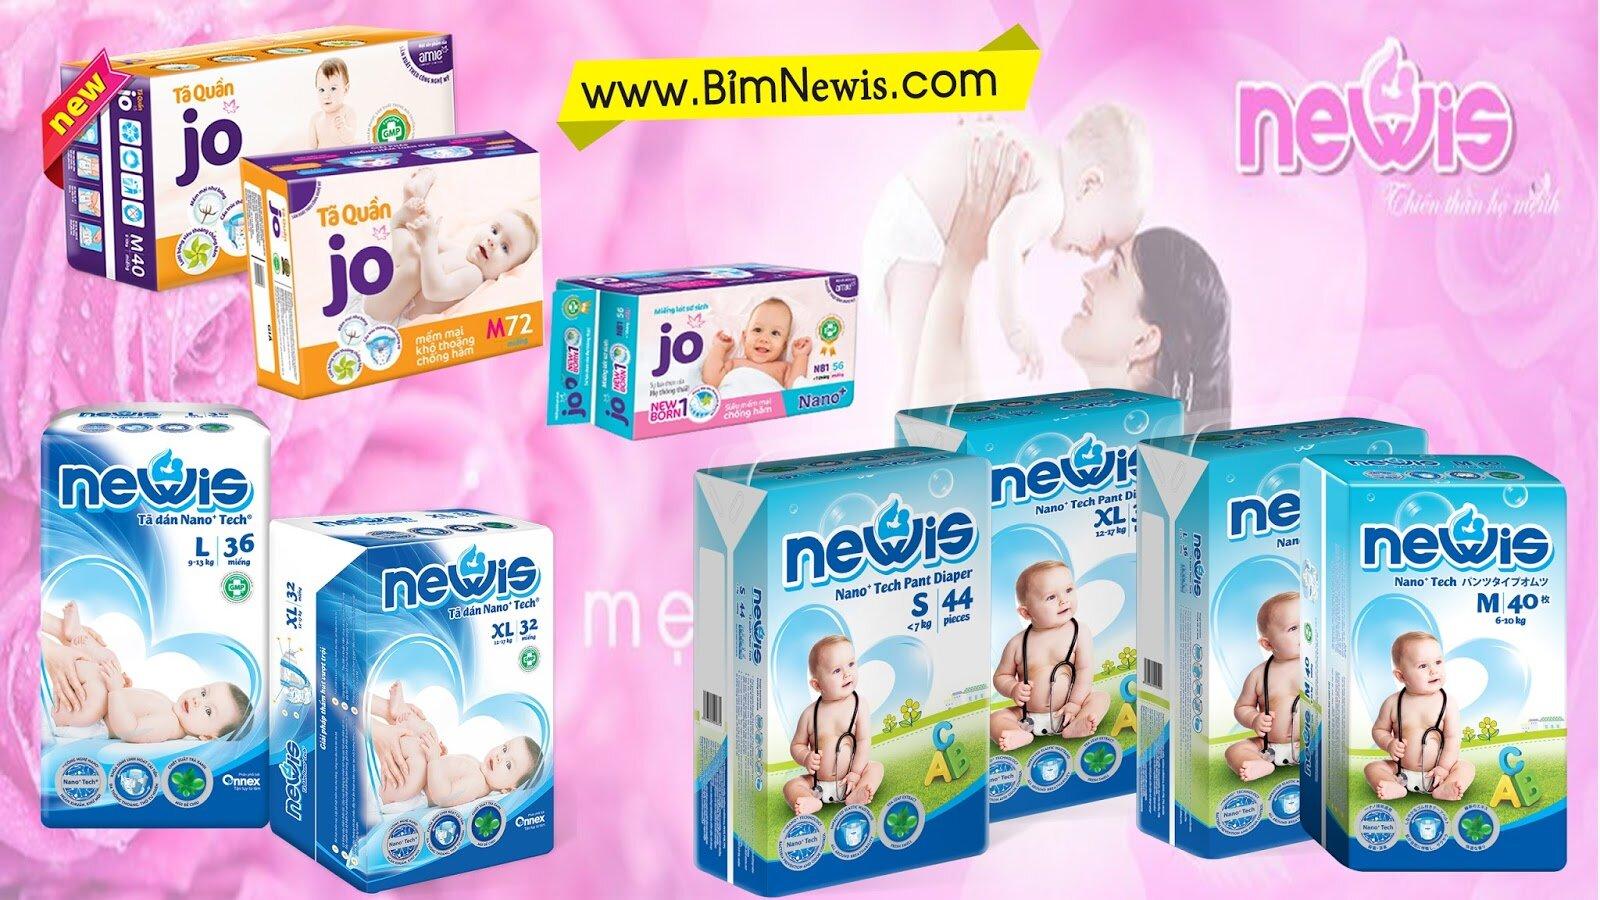 Tã Newis sản phẩm tuyệt vời cho bé